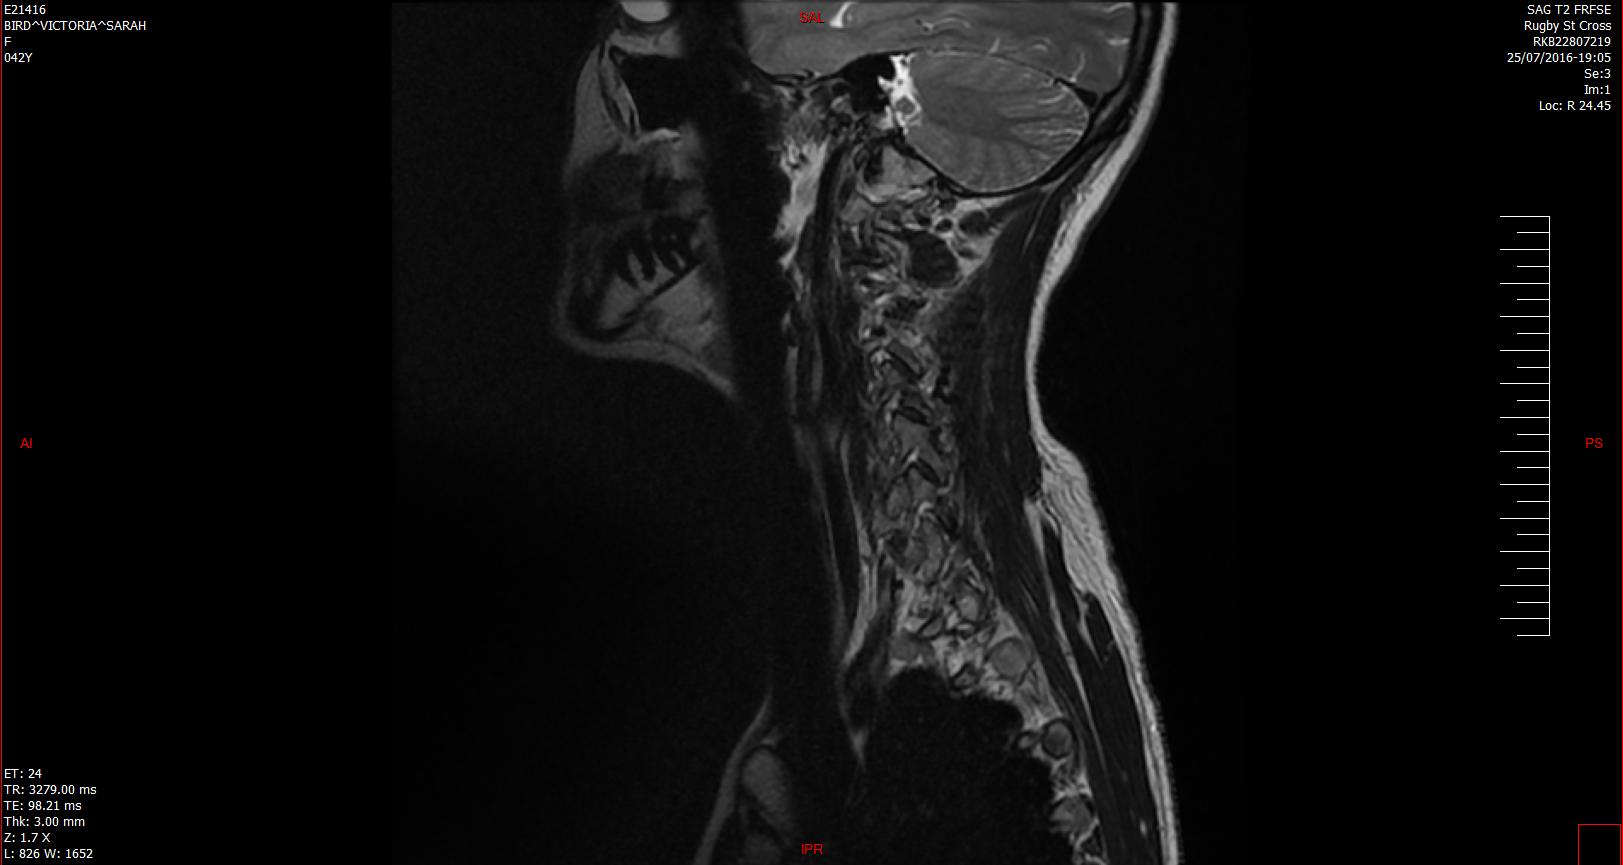 bulging disc in C4-C5, C5-C6